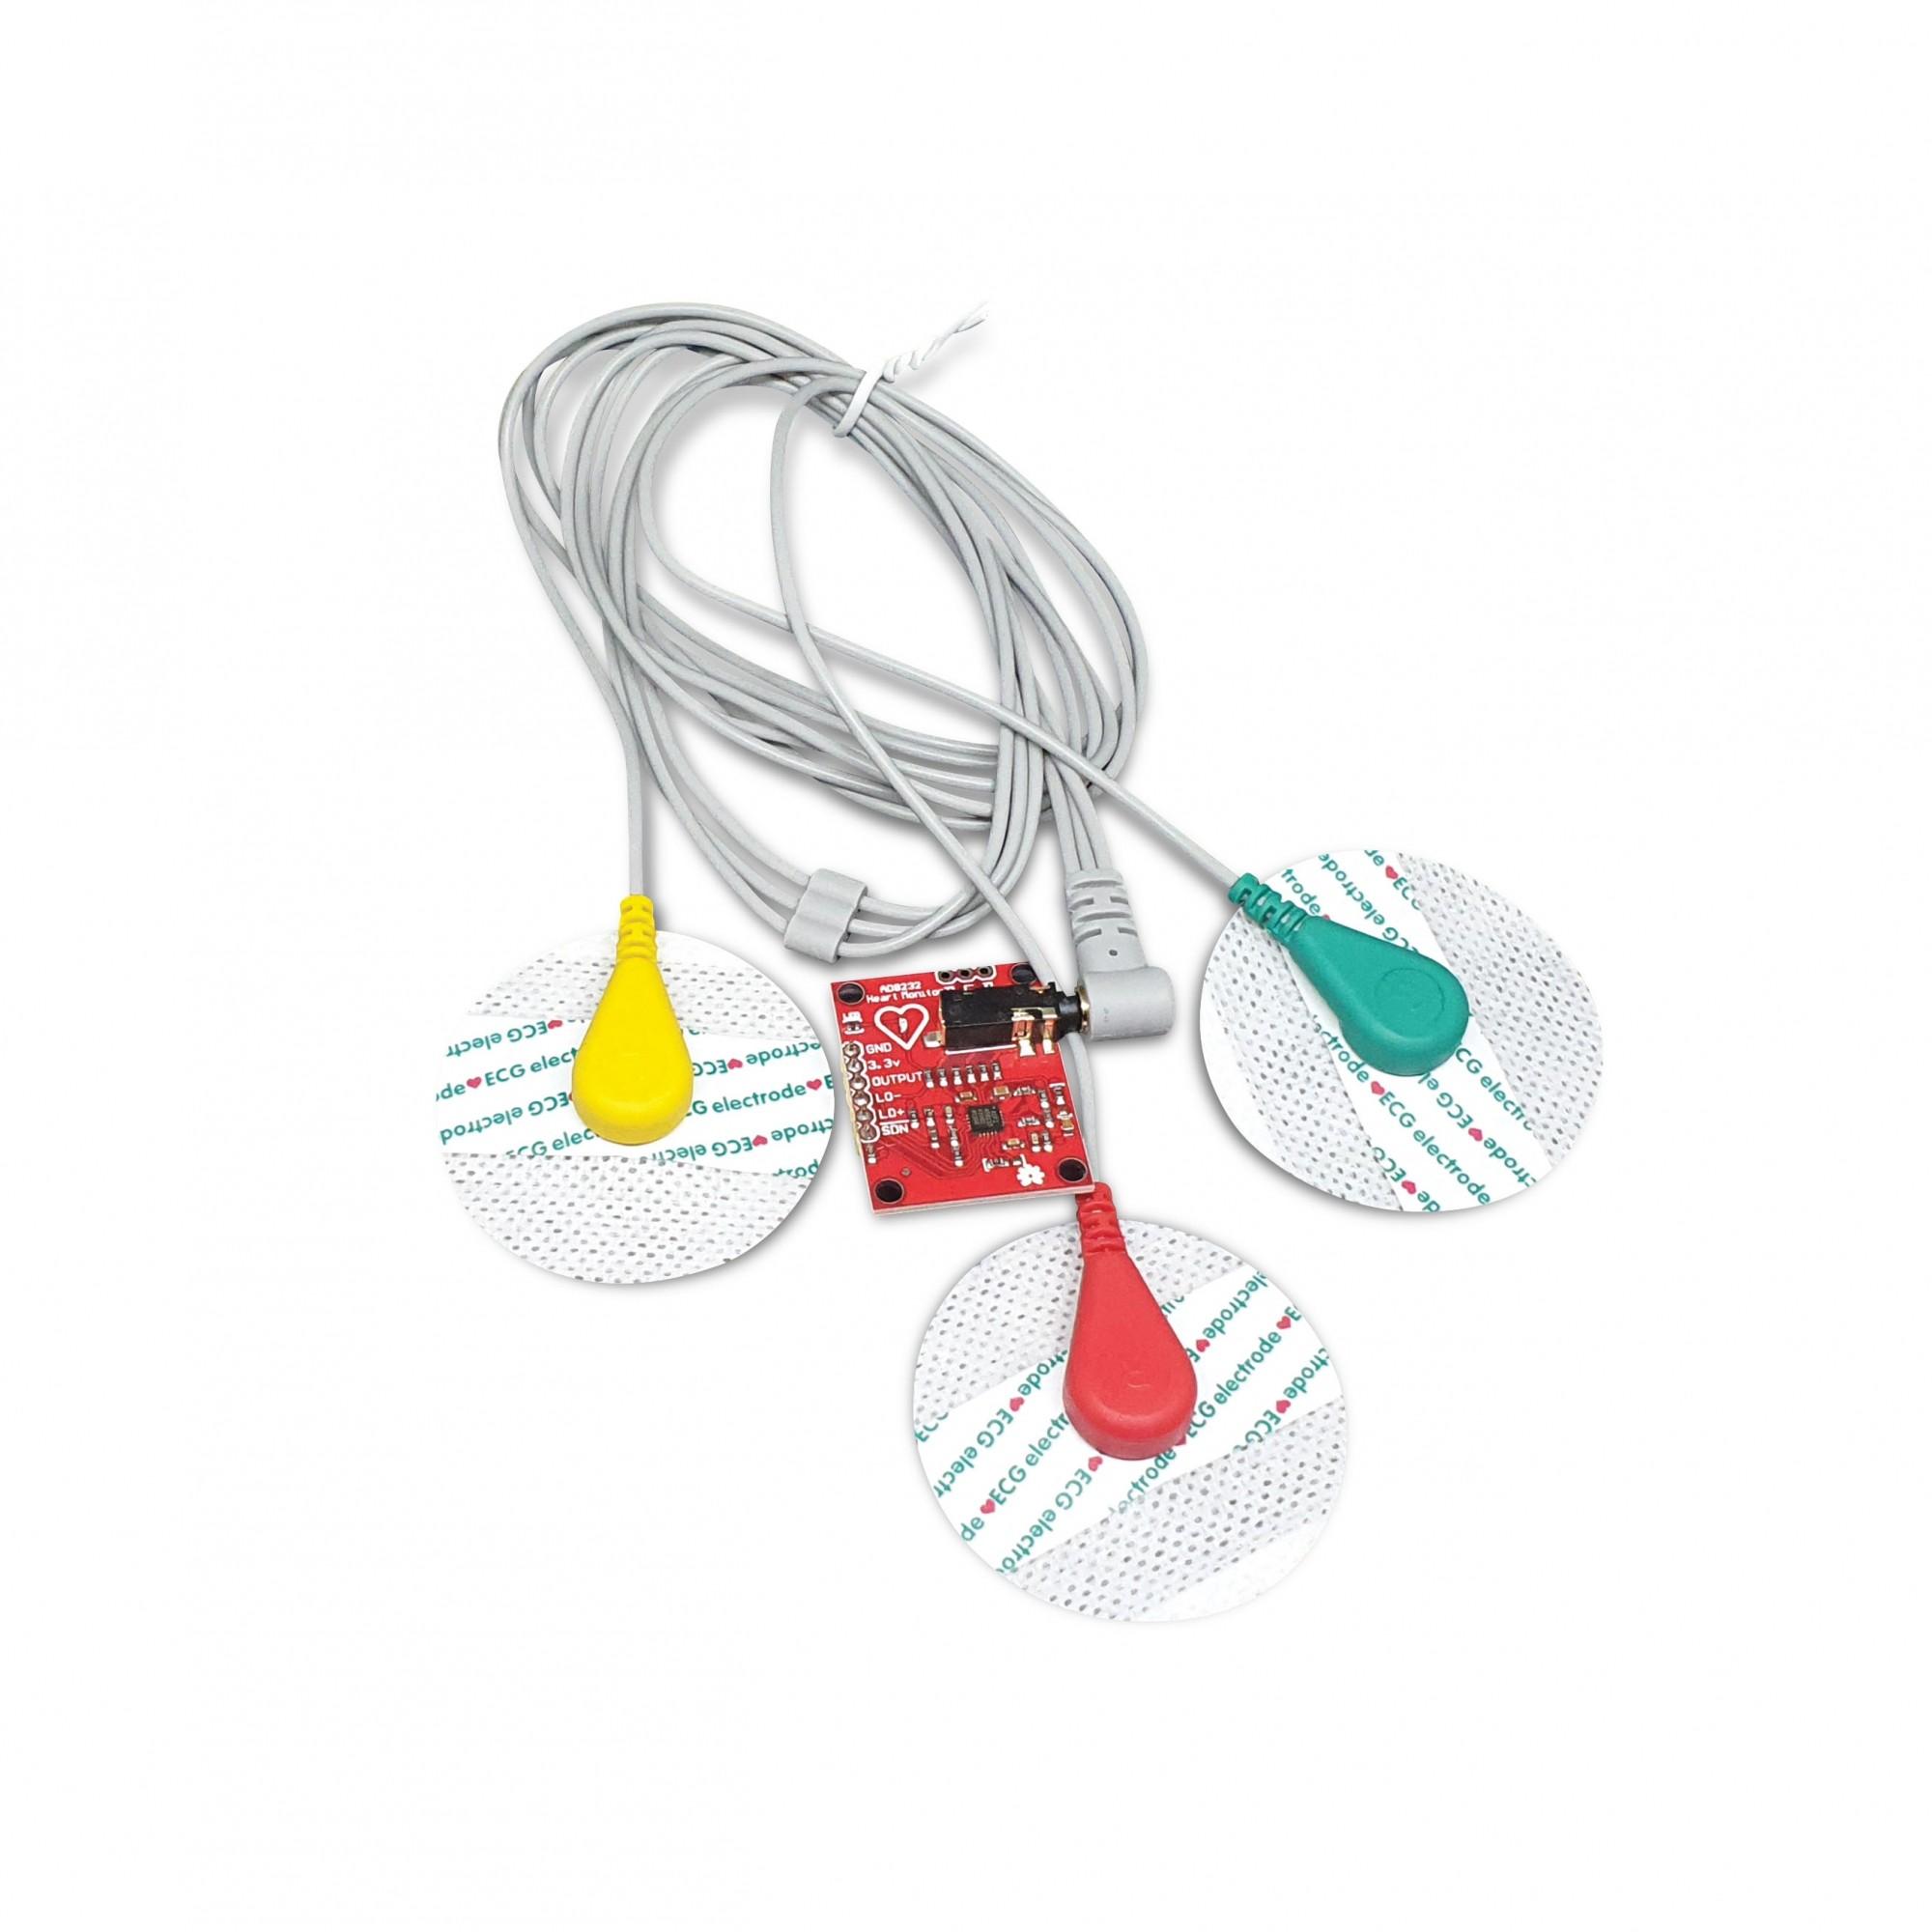 Sensor de ECG AD8232 Pulso e Frequência Cardíaca